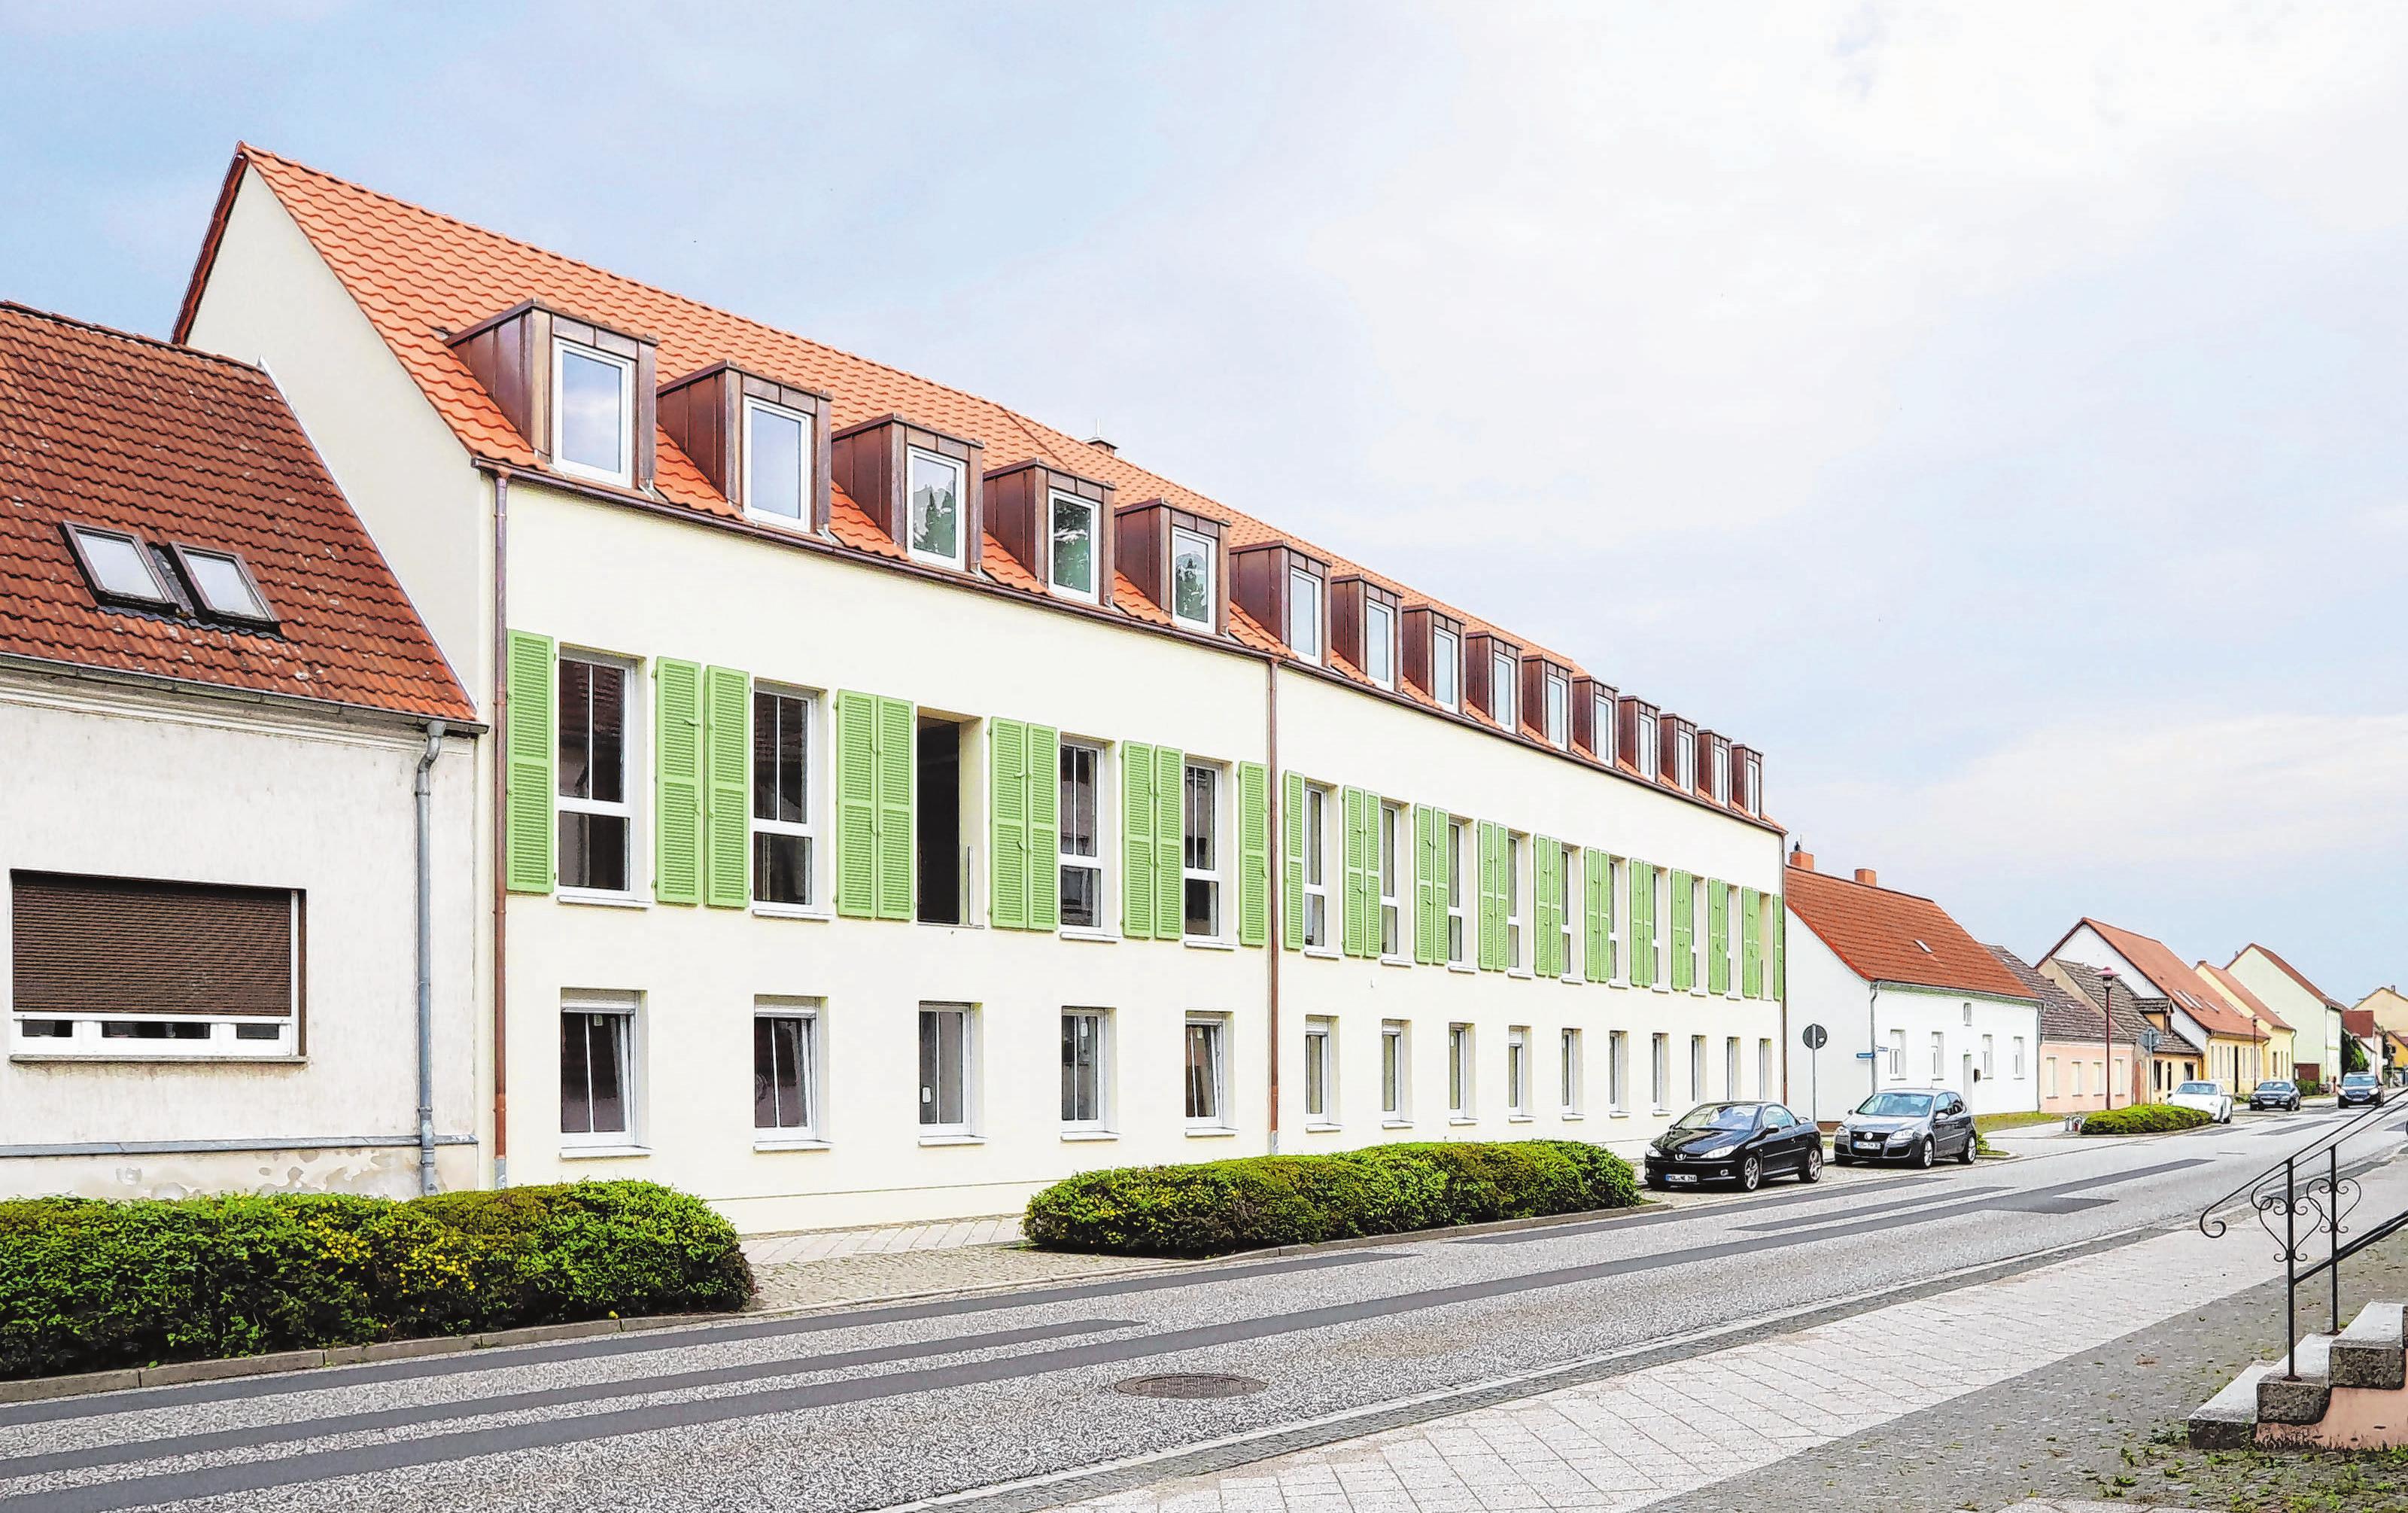 Die Fassade zur Frankfurter Straße hin fügt sich in die Ästhetik der Nachbargebäude.